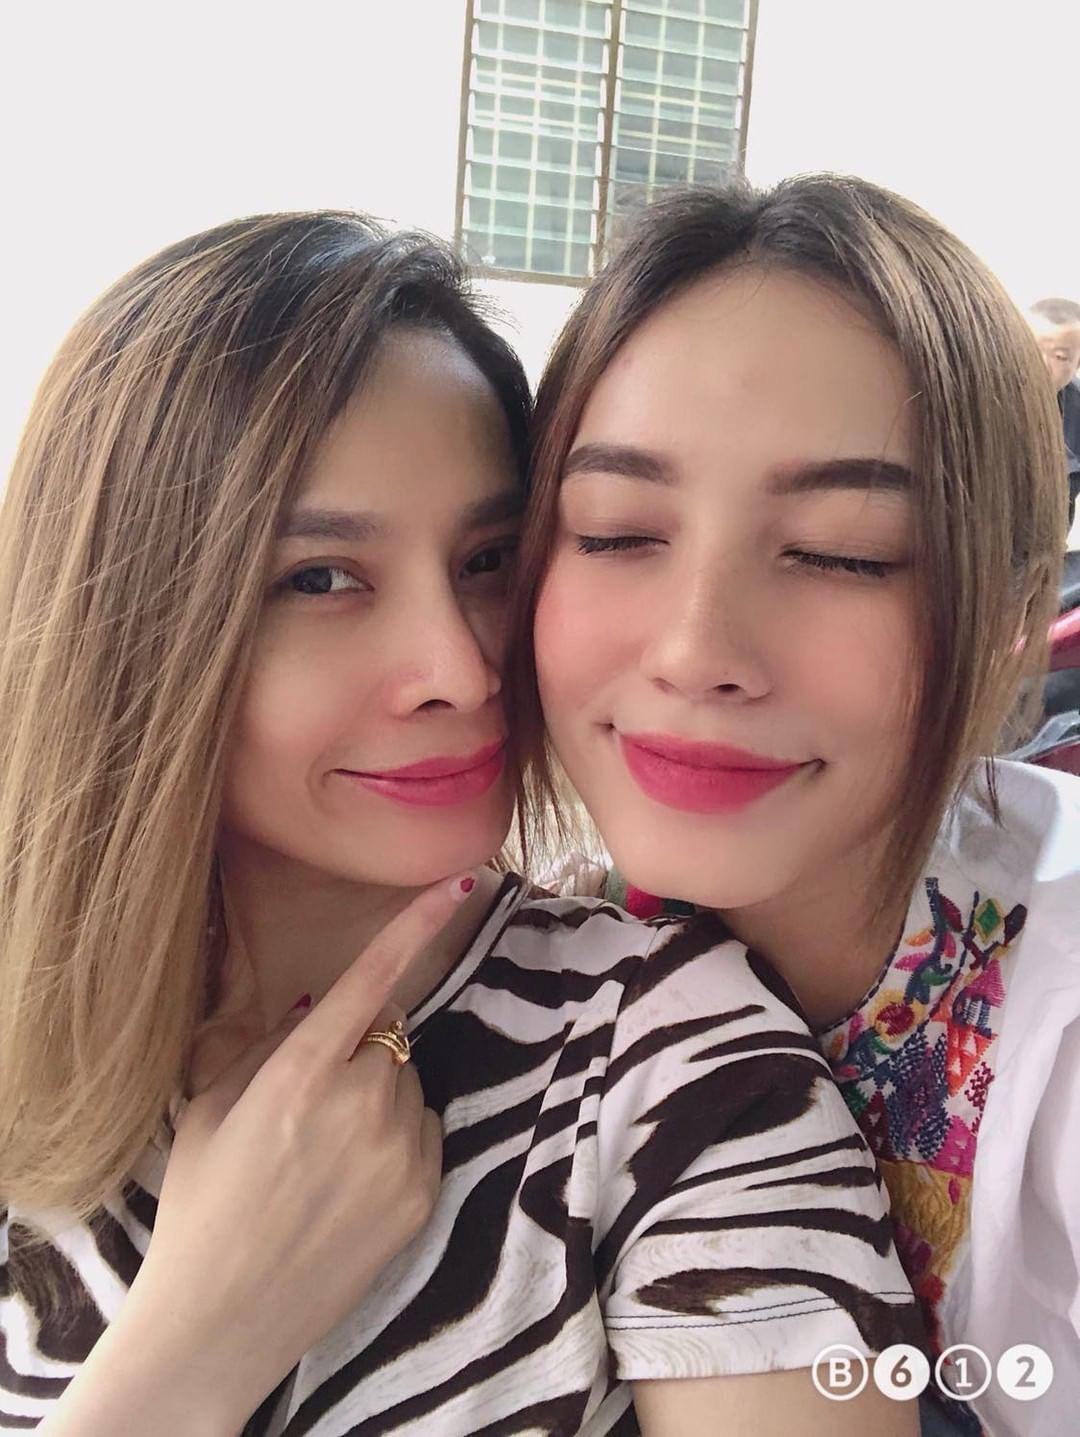 Selfie cùng con gái 19 tuổi, mẹ trẻ U40 tung hoả mù vì nhan sắc hack tuổi đỉnh cao - Ảnh 8.